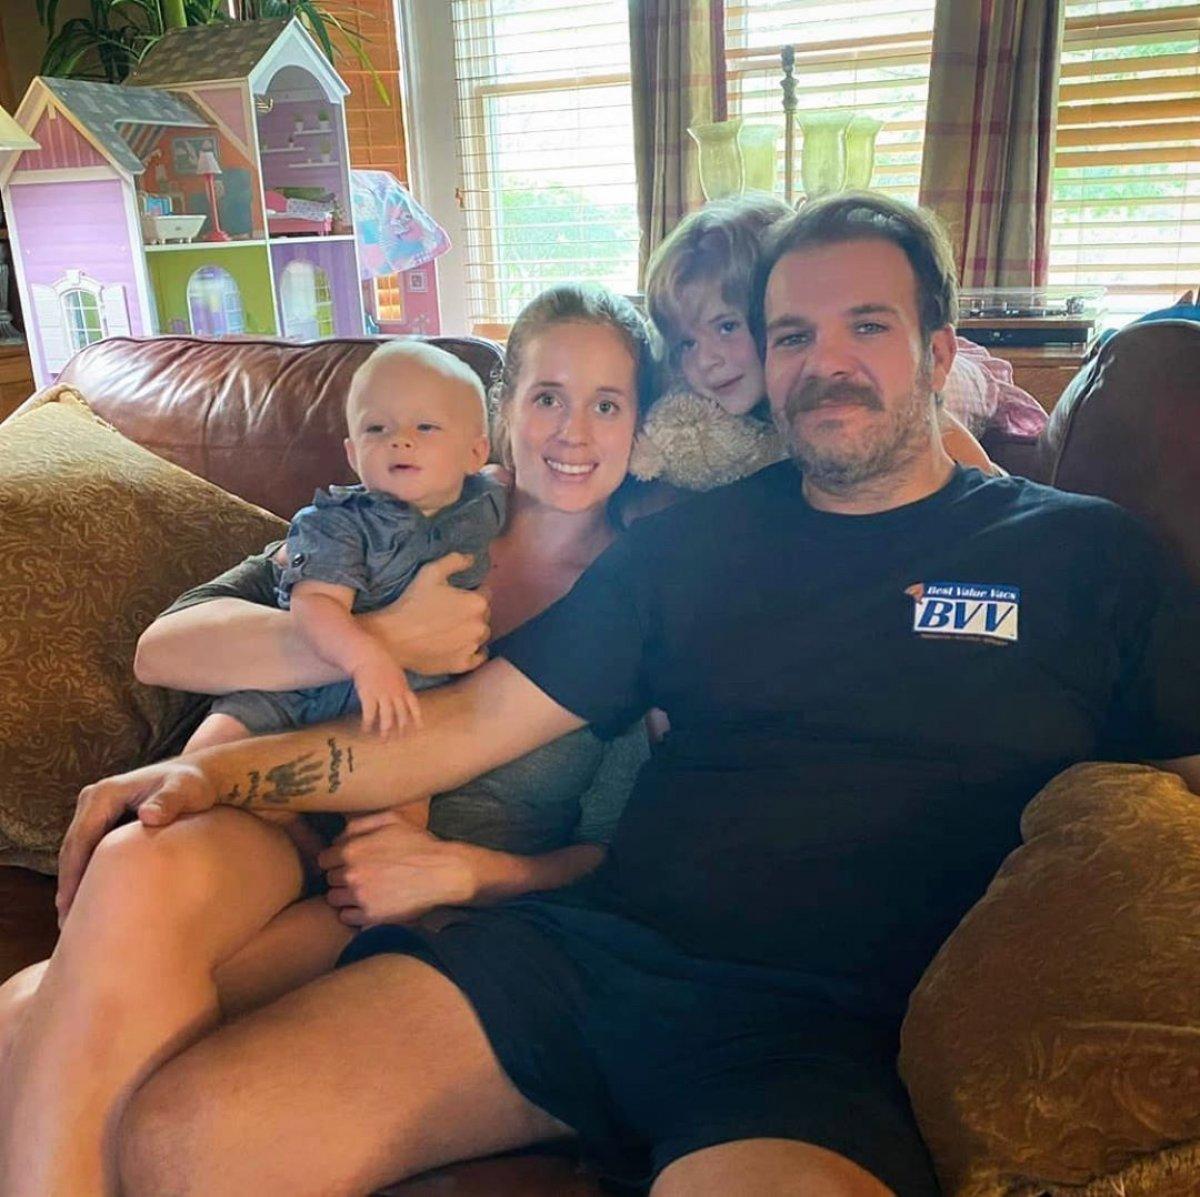 ABD'de kamyon şoförü olan Tolga Karel yeni evini paylaştı!  Tolga Karel kimdir, kiminle evli?  # 3